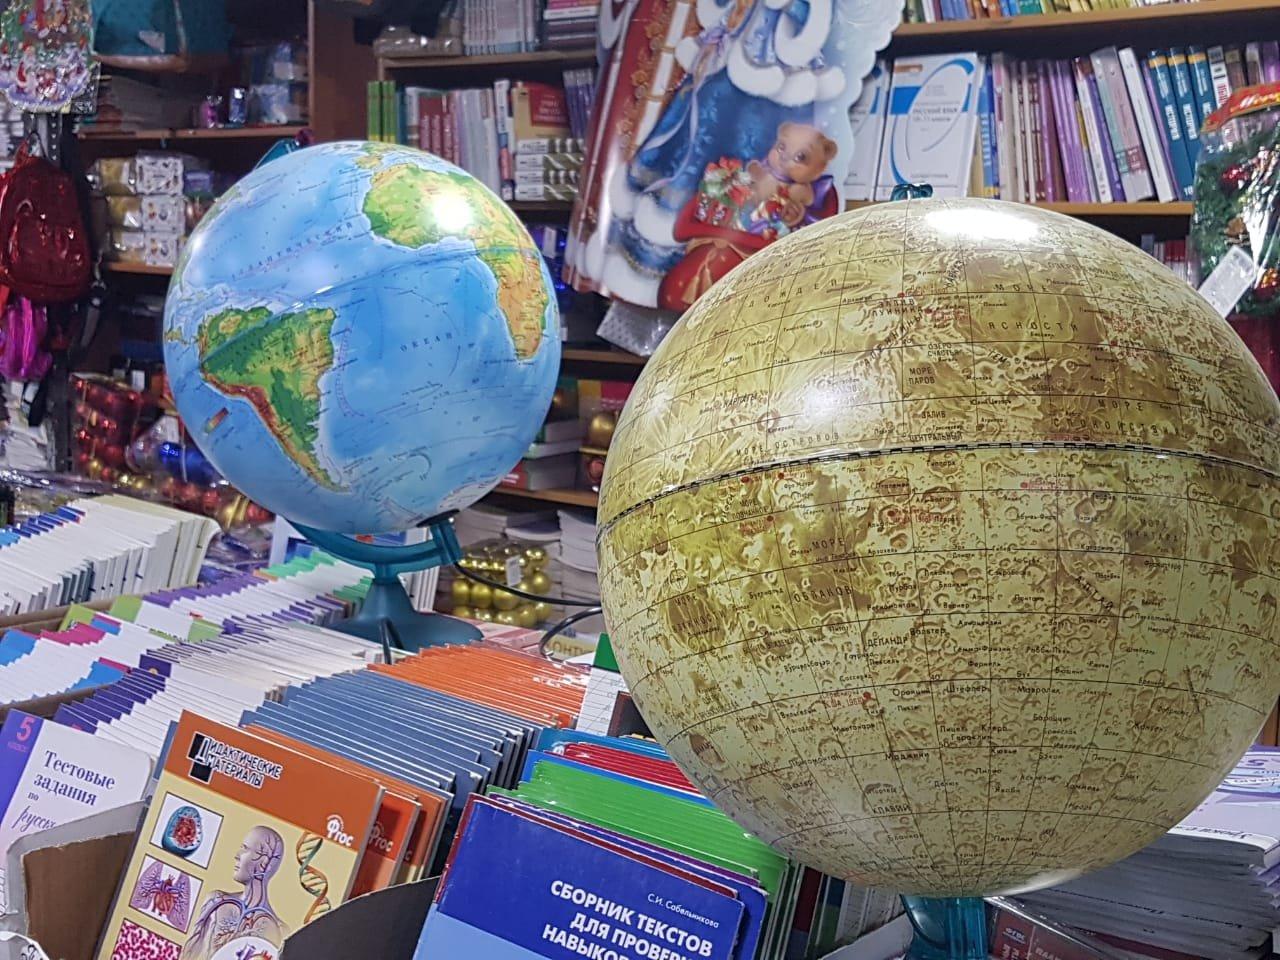 глобус интернет магазин книги ухоженные, они